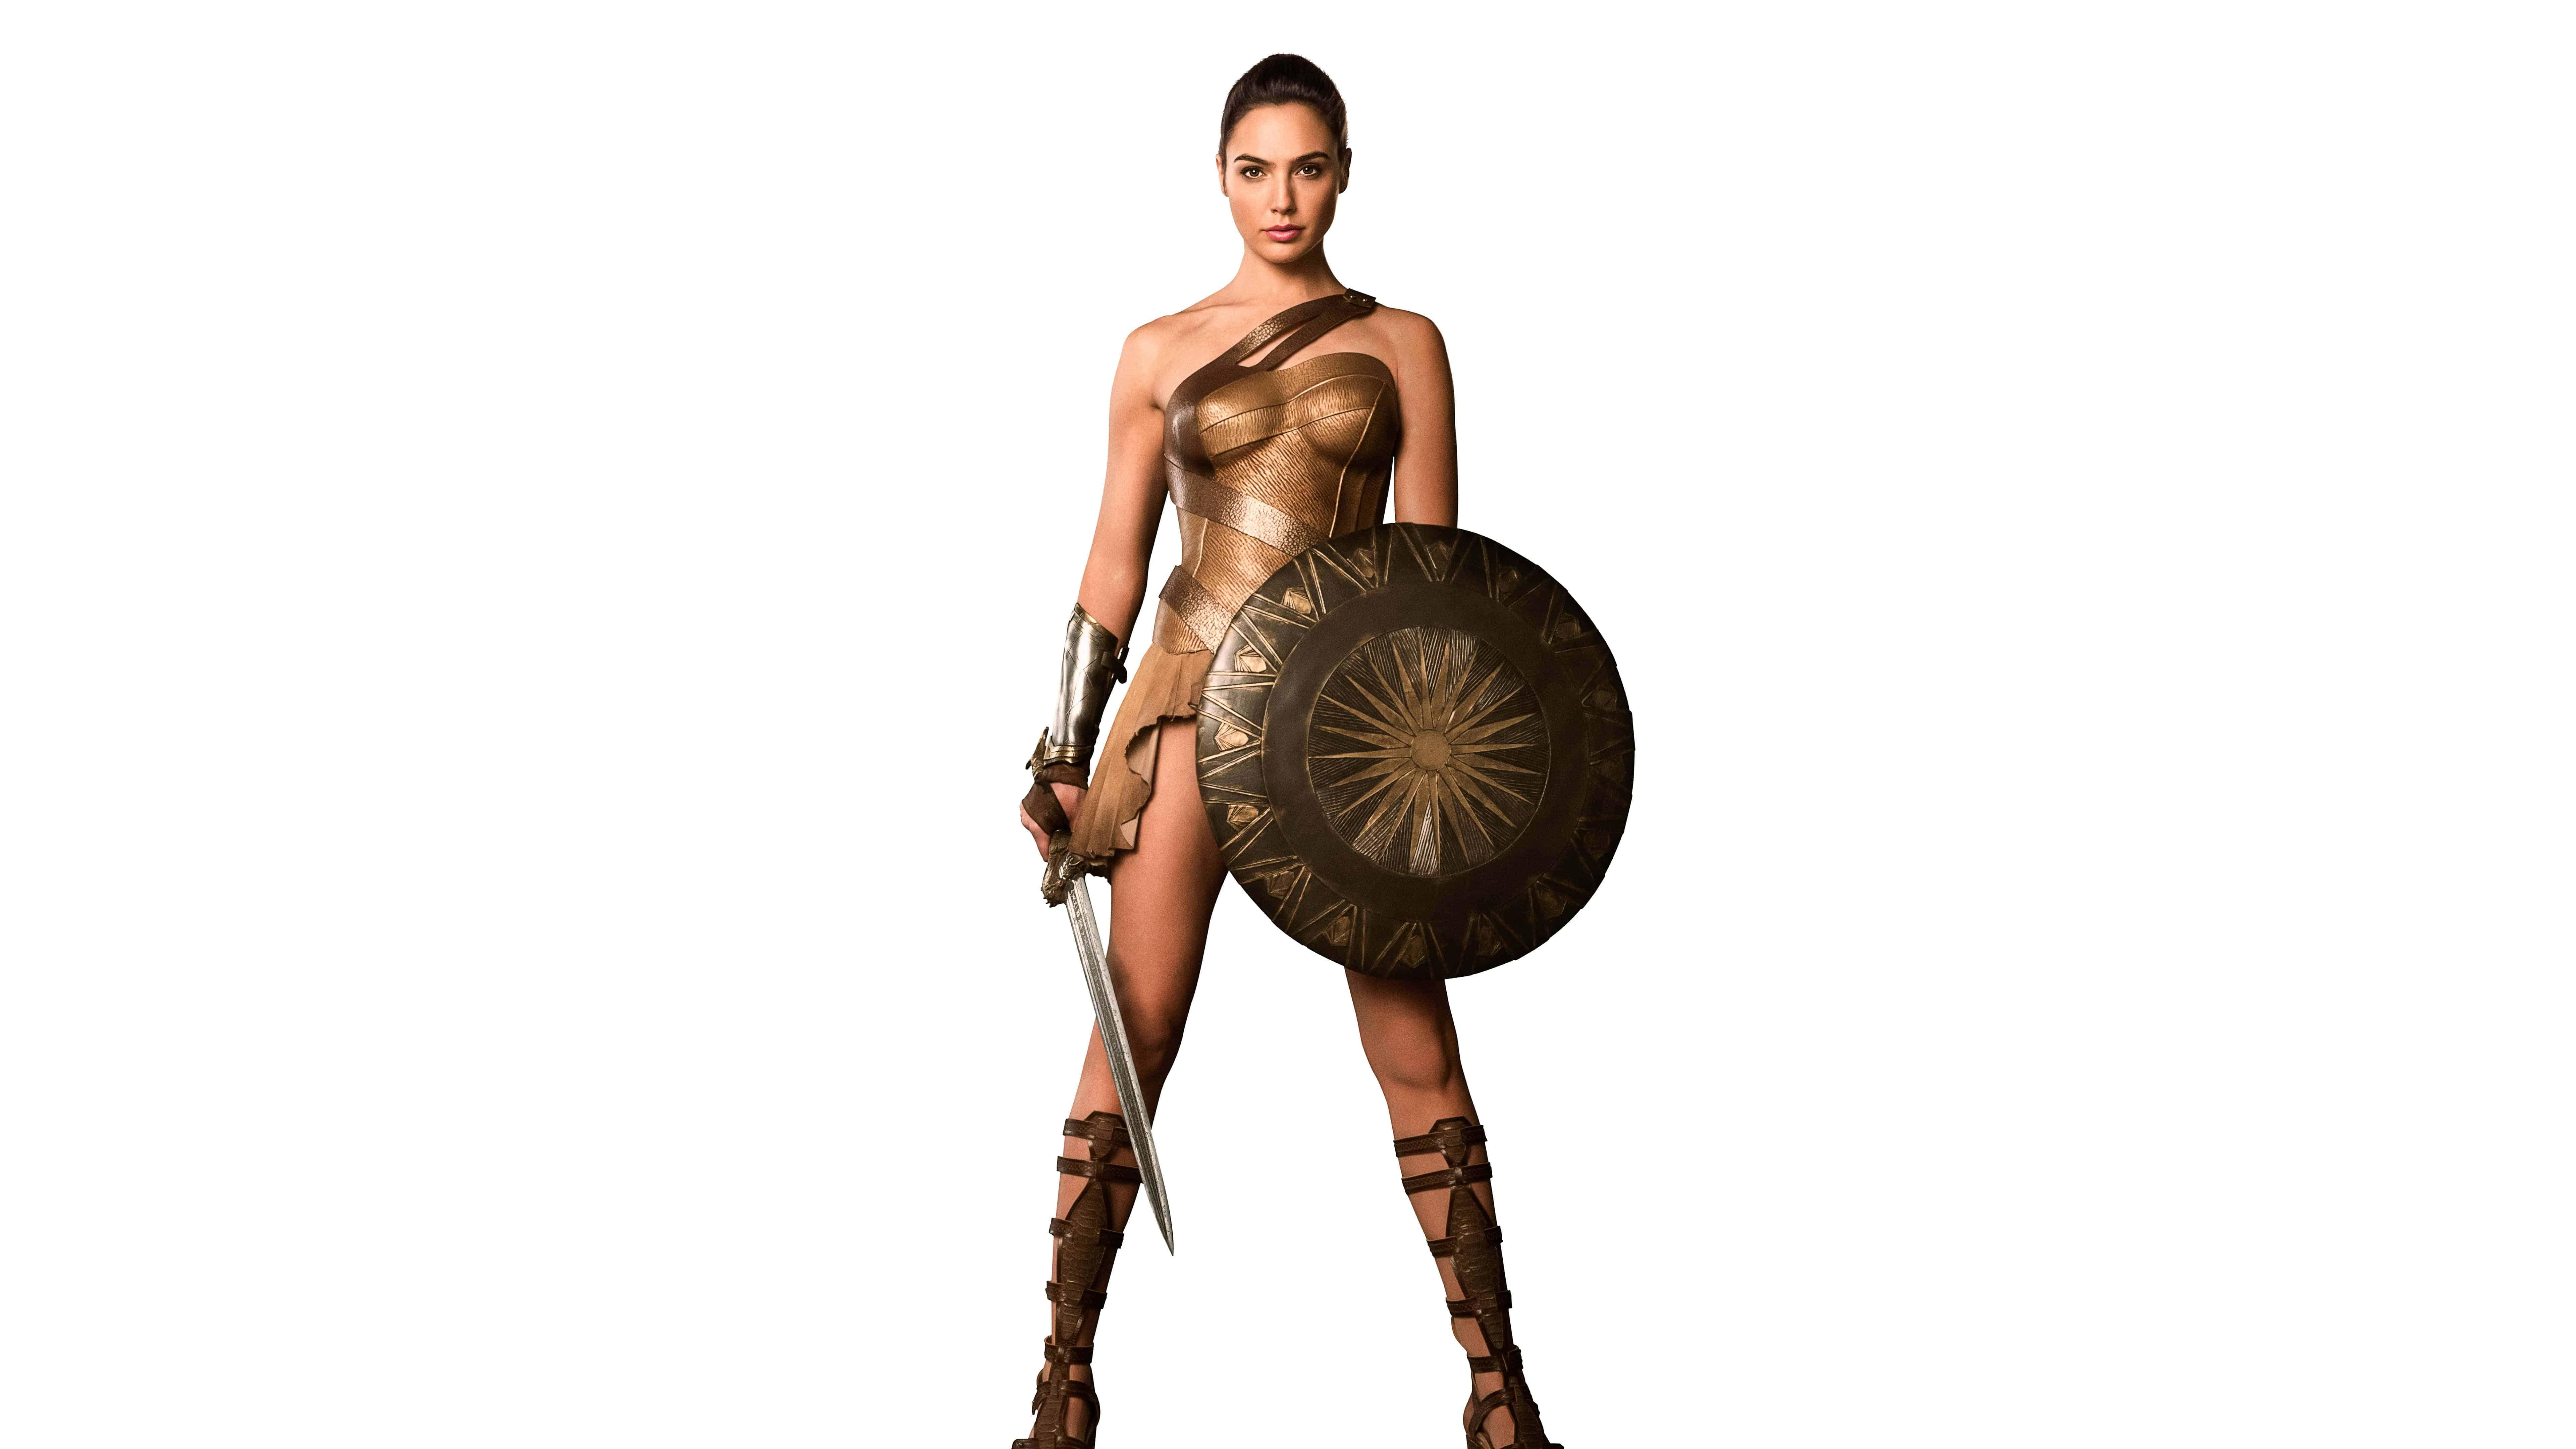 Wonder Woman Gal Gadot Uhd 8k Wallpaper Pixelz